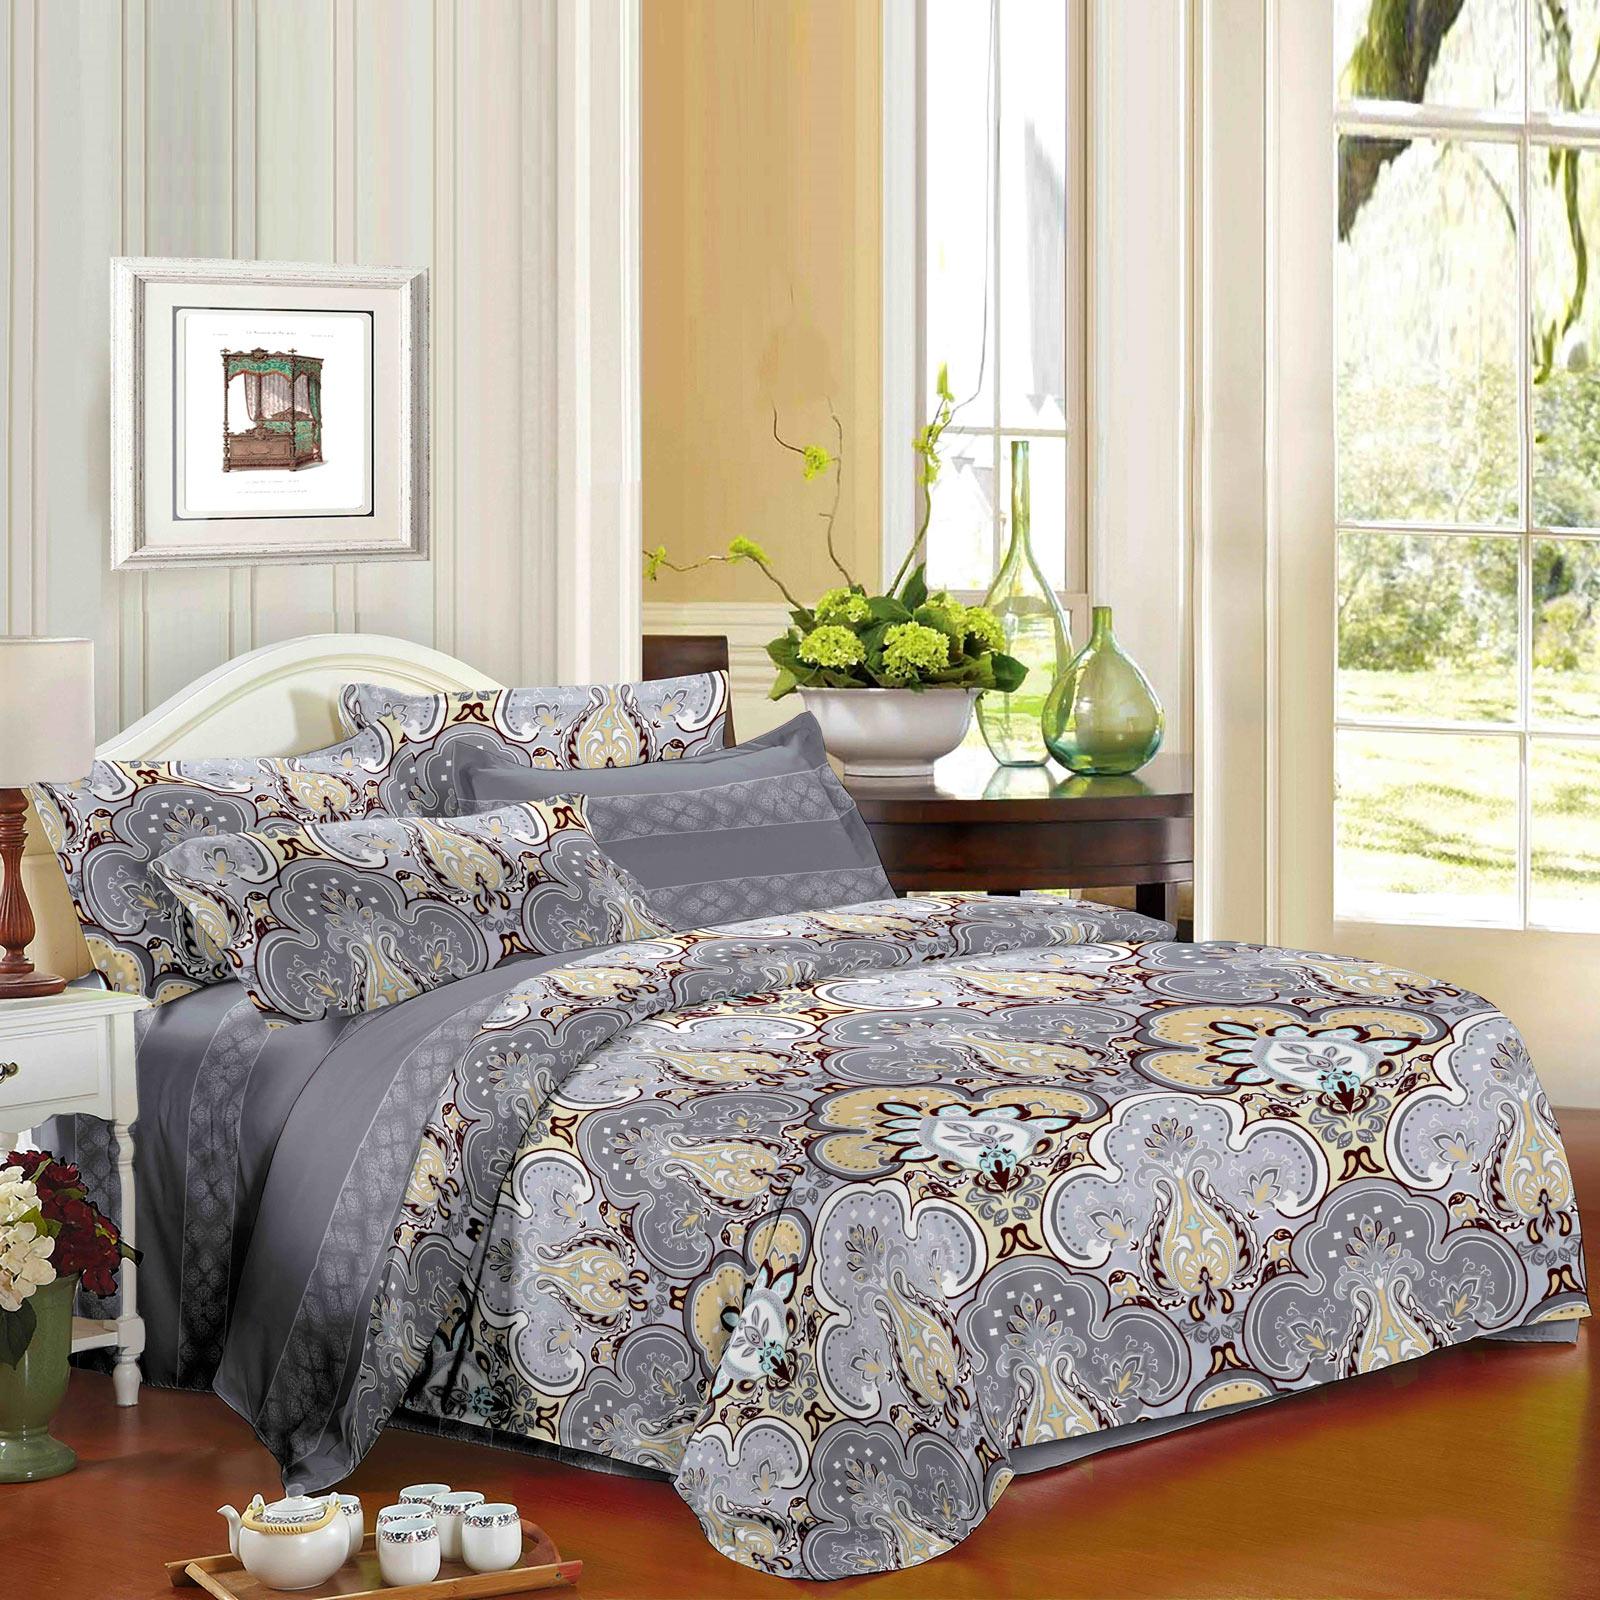 Комплект постельного белья «Элегантный стиль»